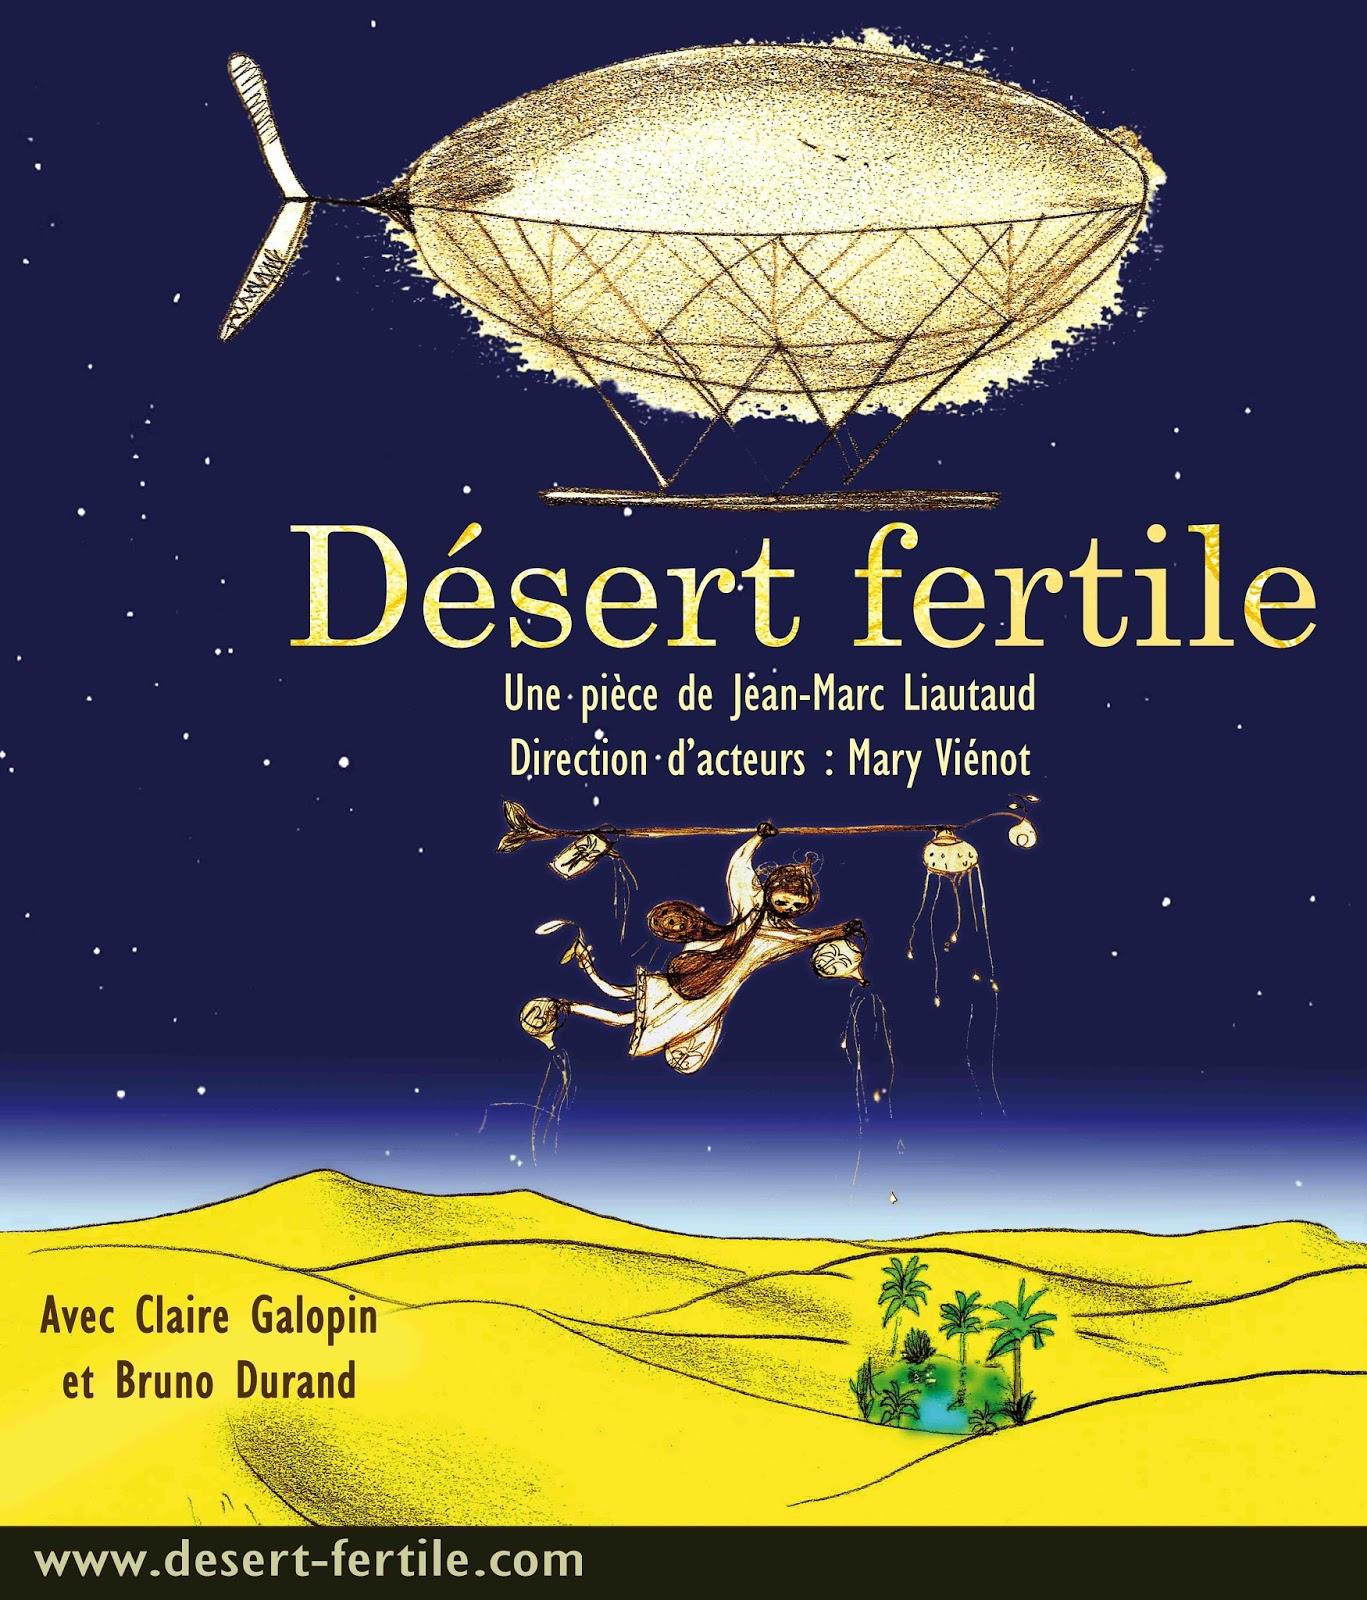 comment devenir fertile